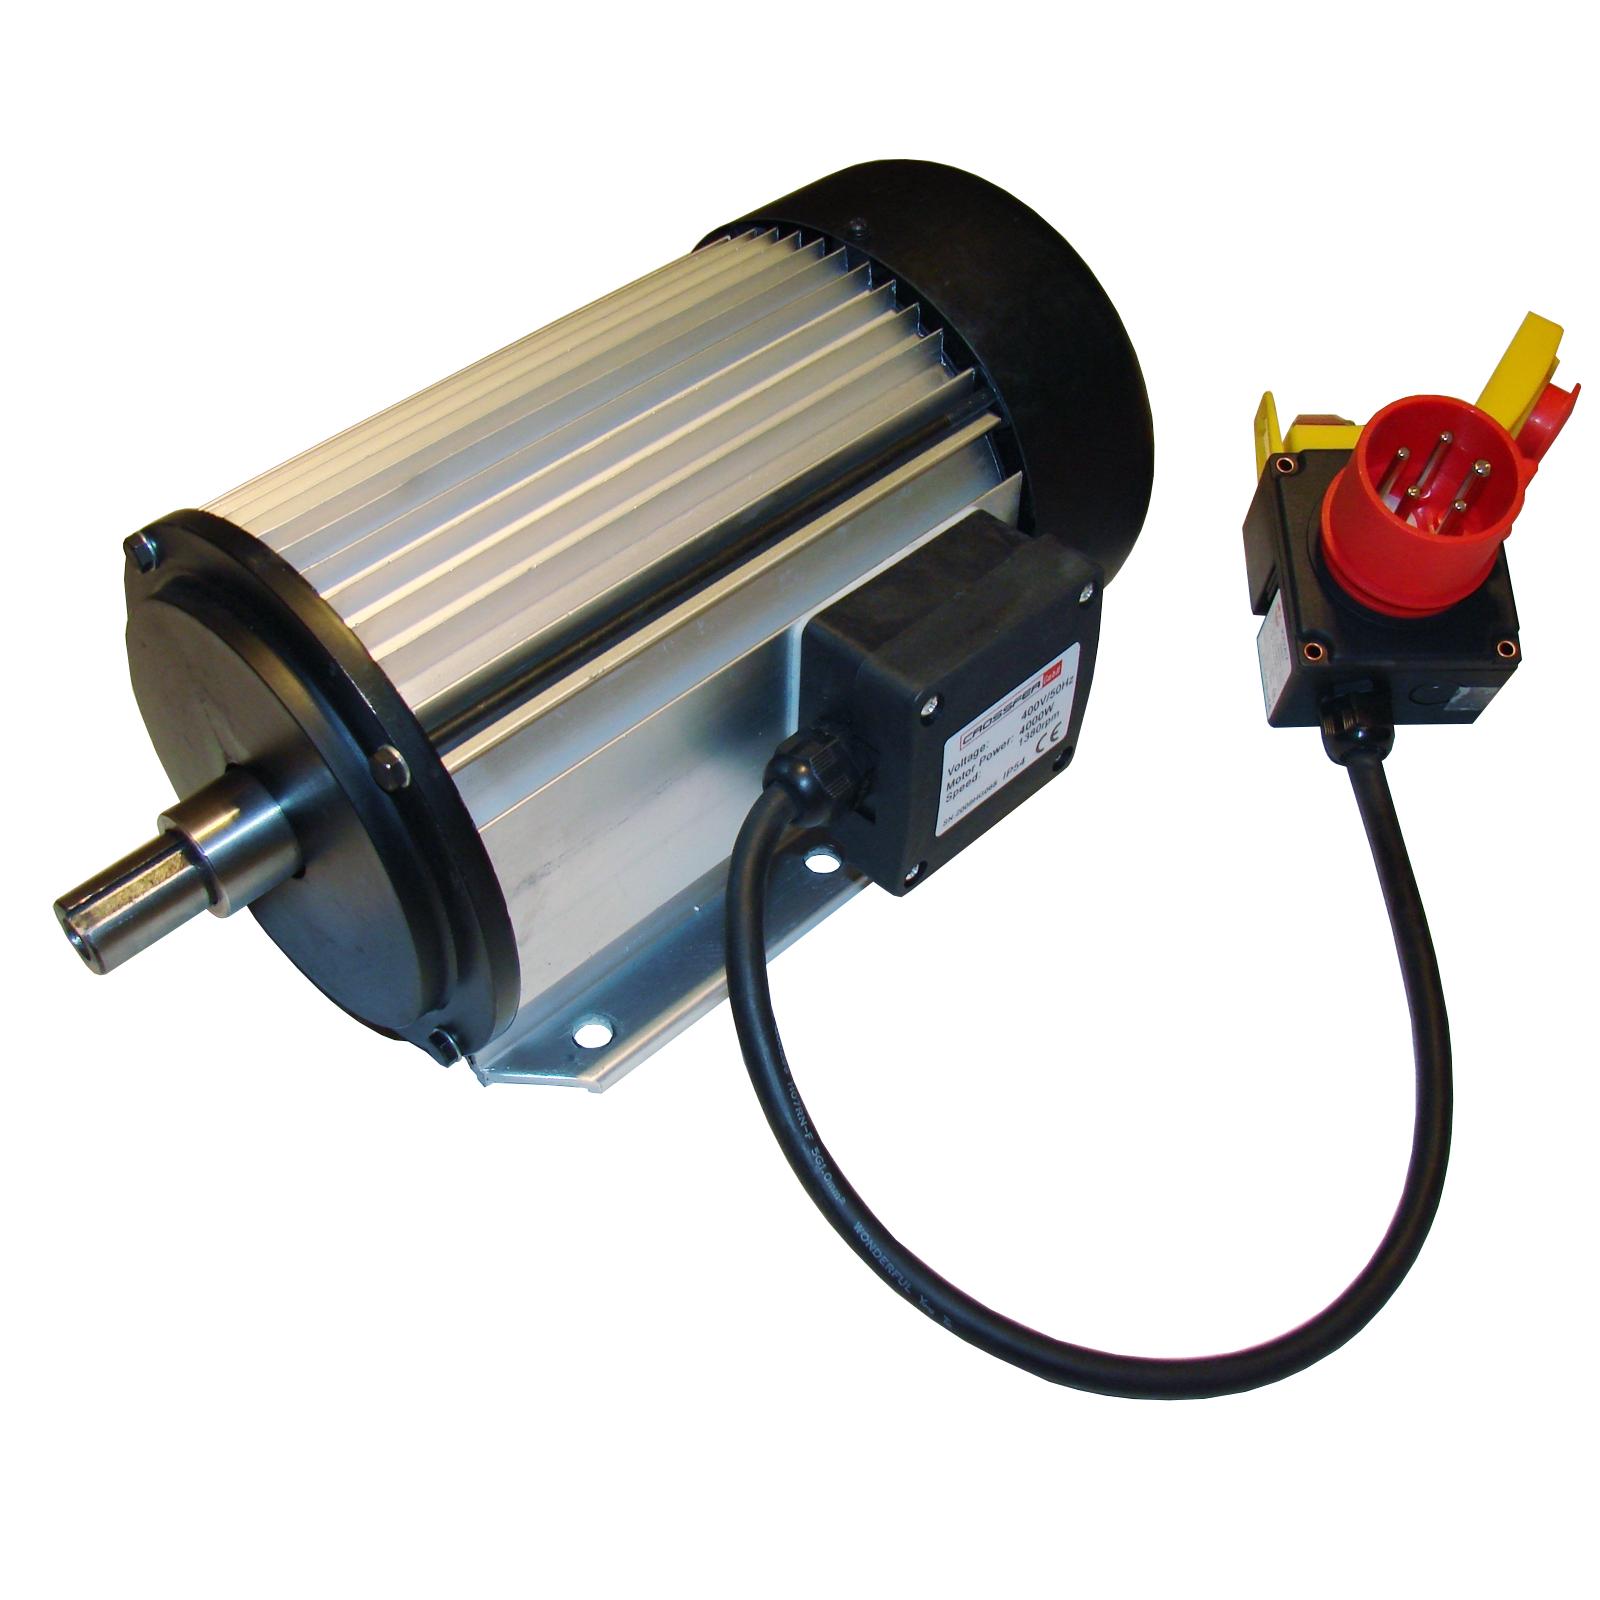 Elektromotor 400V 5200 Watt 1380 U/Min IP54